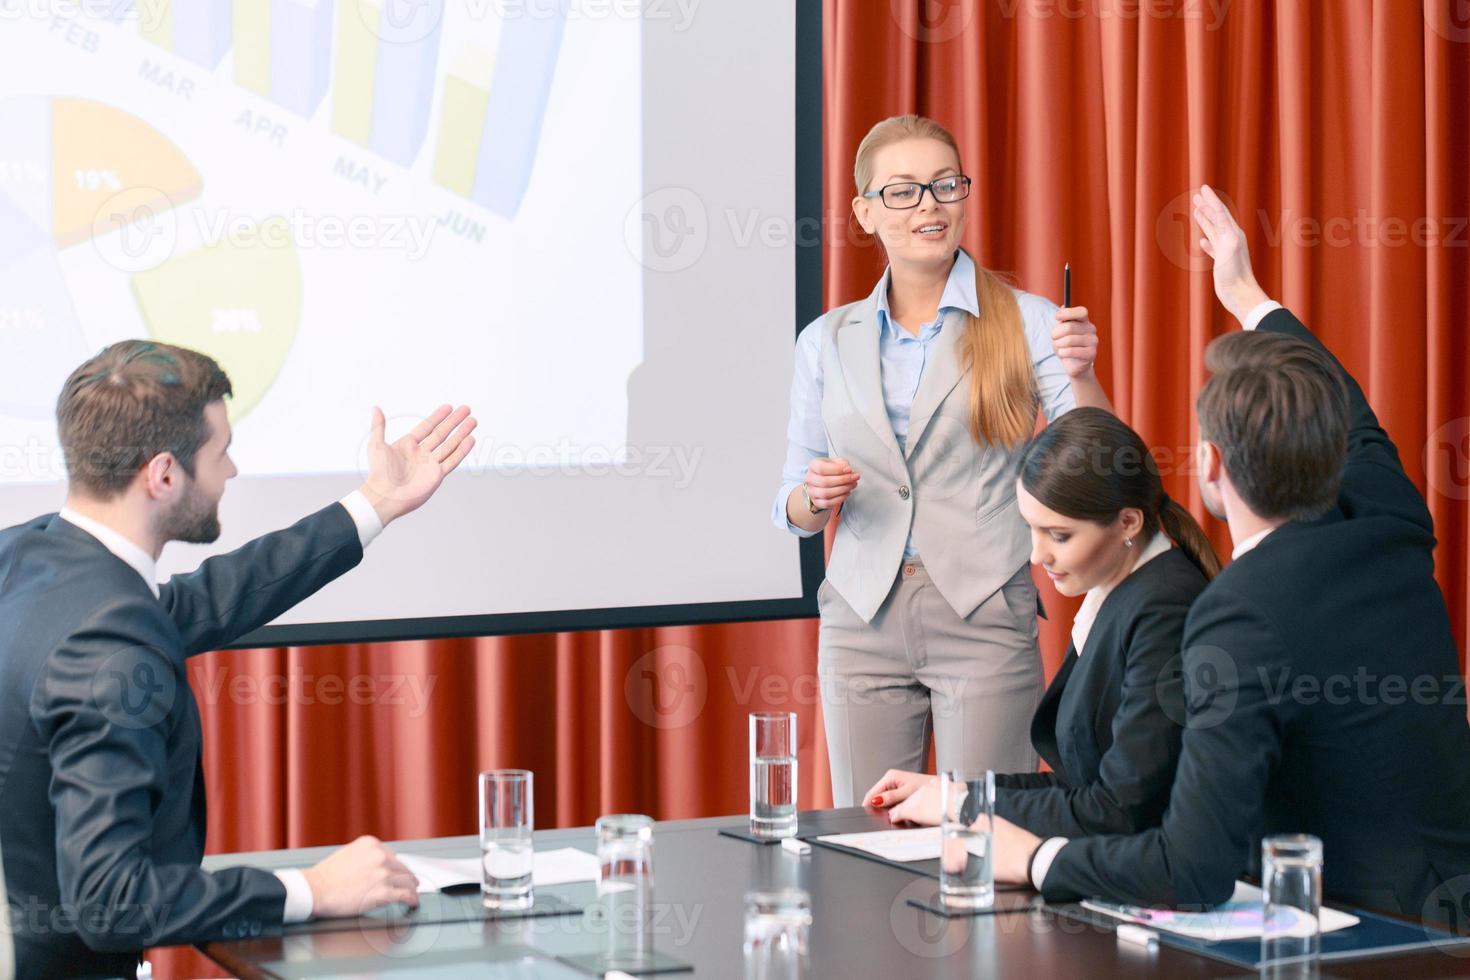 faire une présentation à la réunion photo